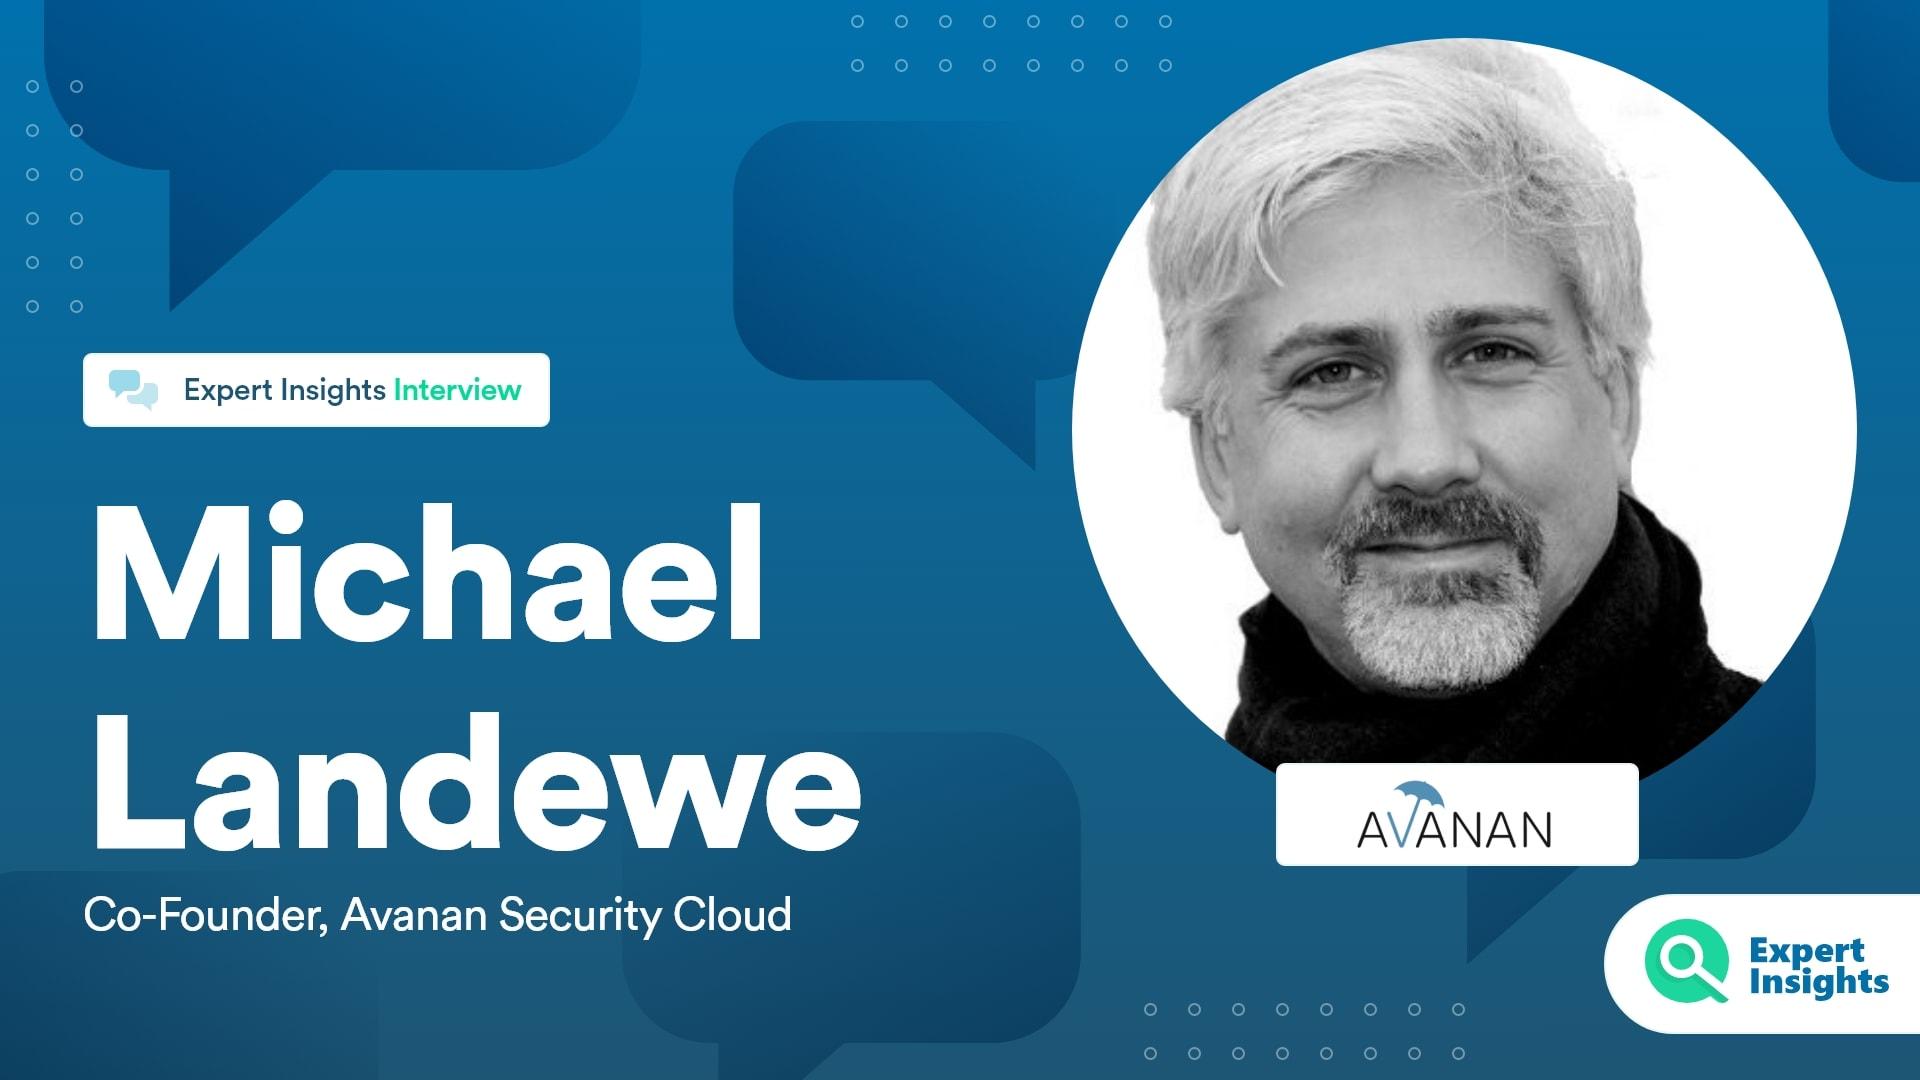 Expert Insights Interview With Michael Landewe Of Avanan